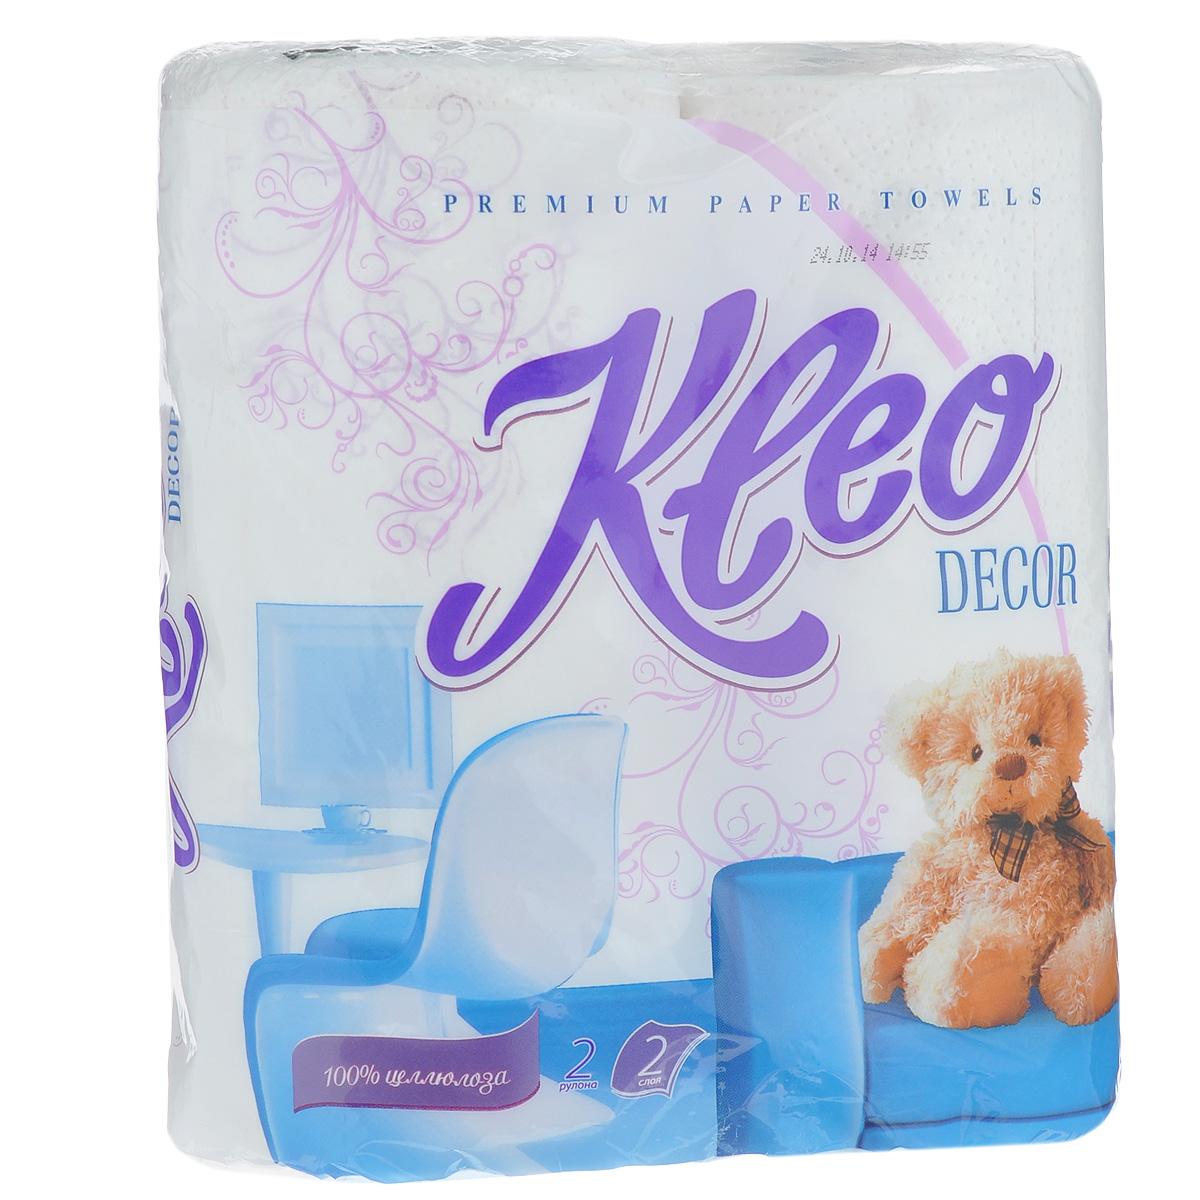 Полотенца бумажныеKleo Decor, двухслойные, цвет: белый, 2 рулонаTS1001-00/B3N40-0Бумажные полотенца Kleo Decor созданы из экологически чистого волокна - 100% целлюлозы. Двухслойные, с цветным рисунком. Хорошо впитывают влагу и идеально подходят для ежедневного использования.Количество листов: 48 шт.Количество слоев: 2.Размер листа: 25 см х 23 см.Состав: 100% целлюлоза.